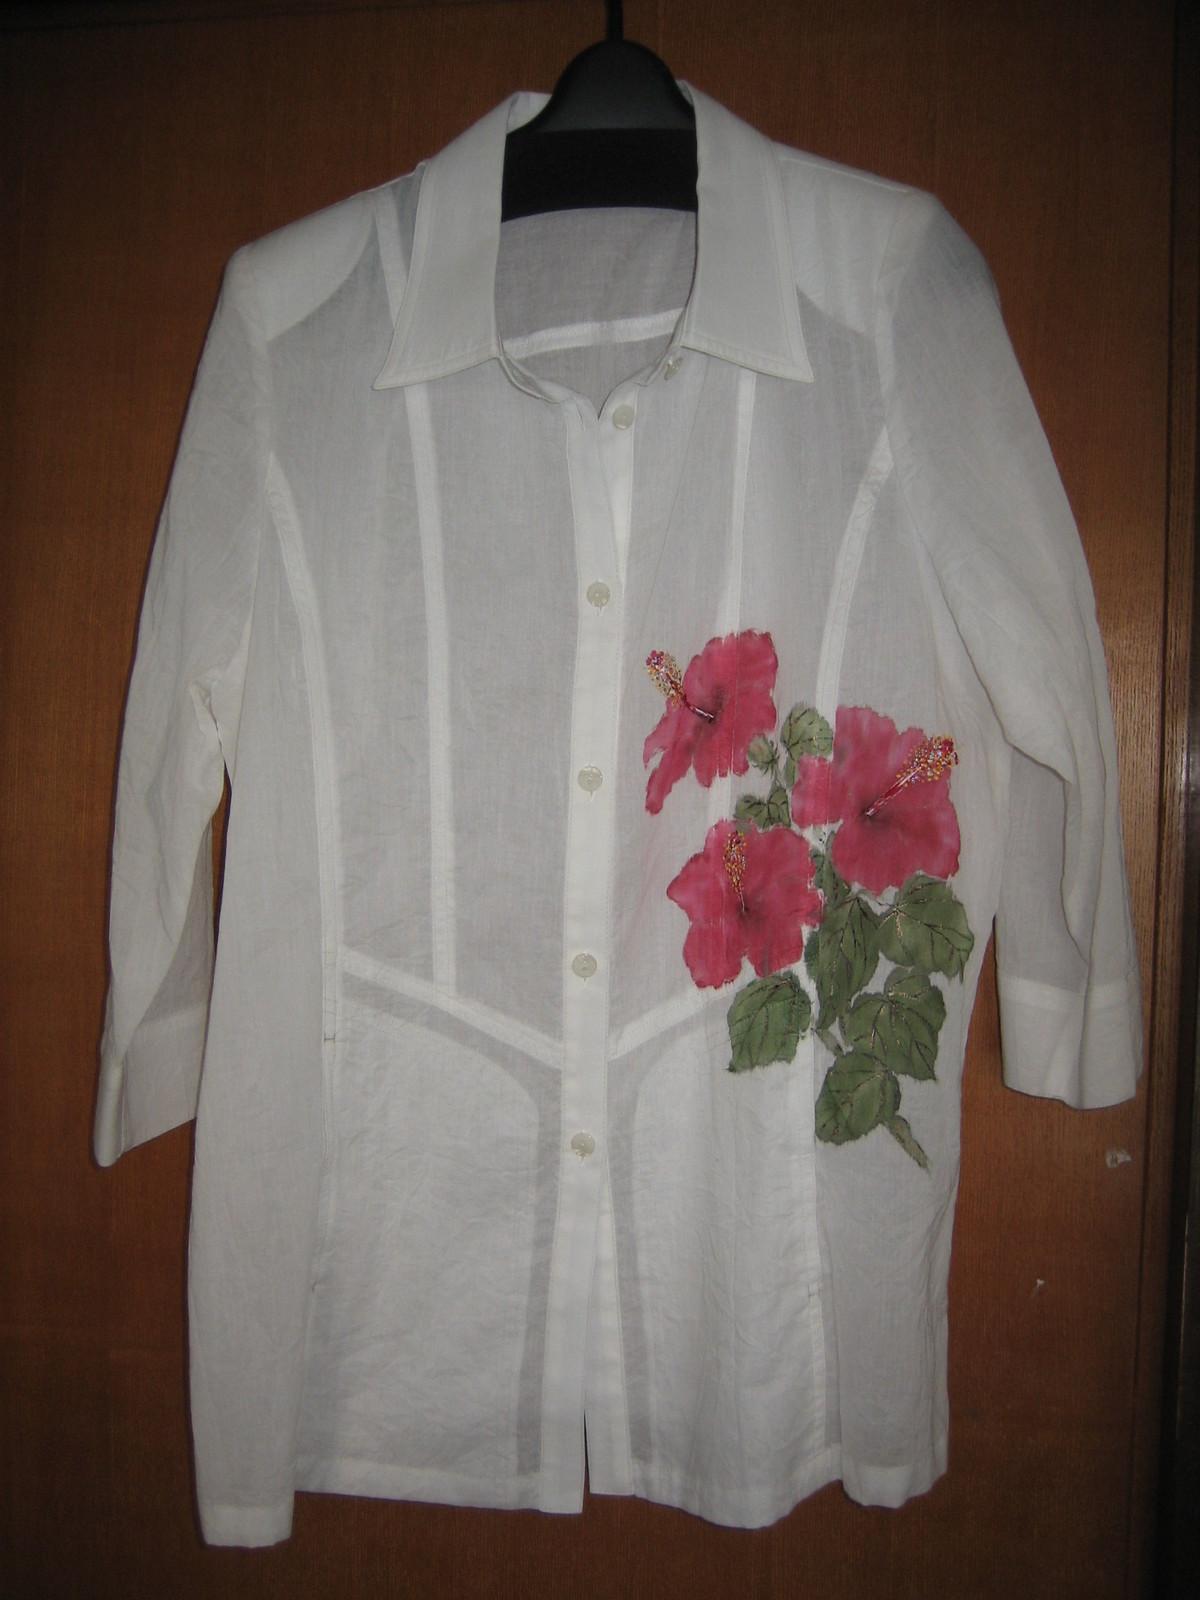 ハイビスカスの花 シャツブラウス 木綿100%